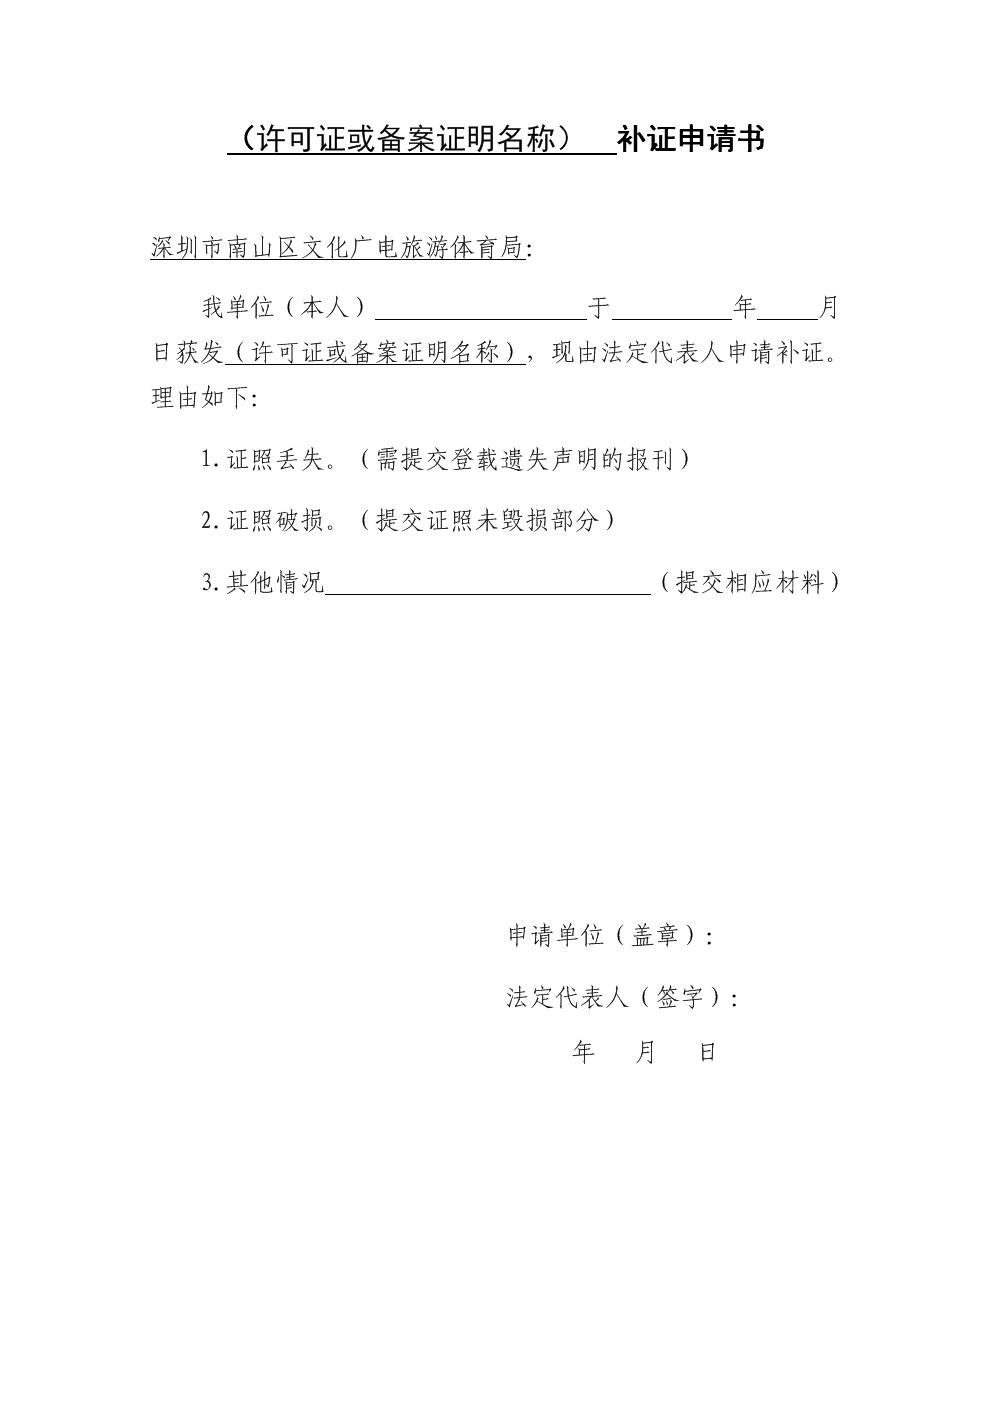 廣播電視制作經營許可證補證申請書(空表新).docx